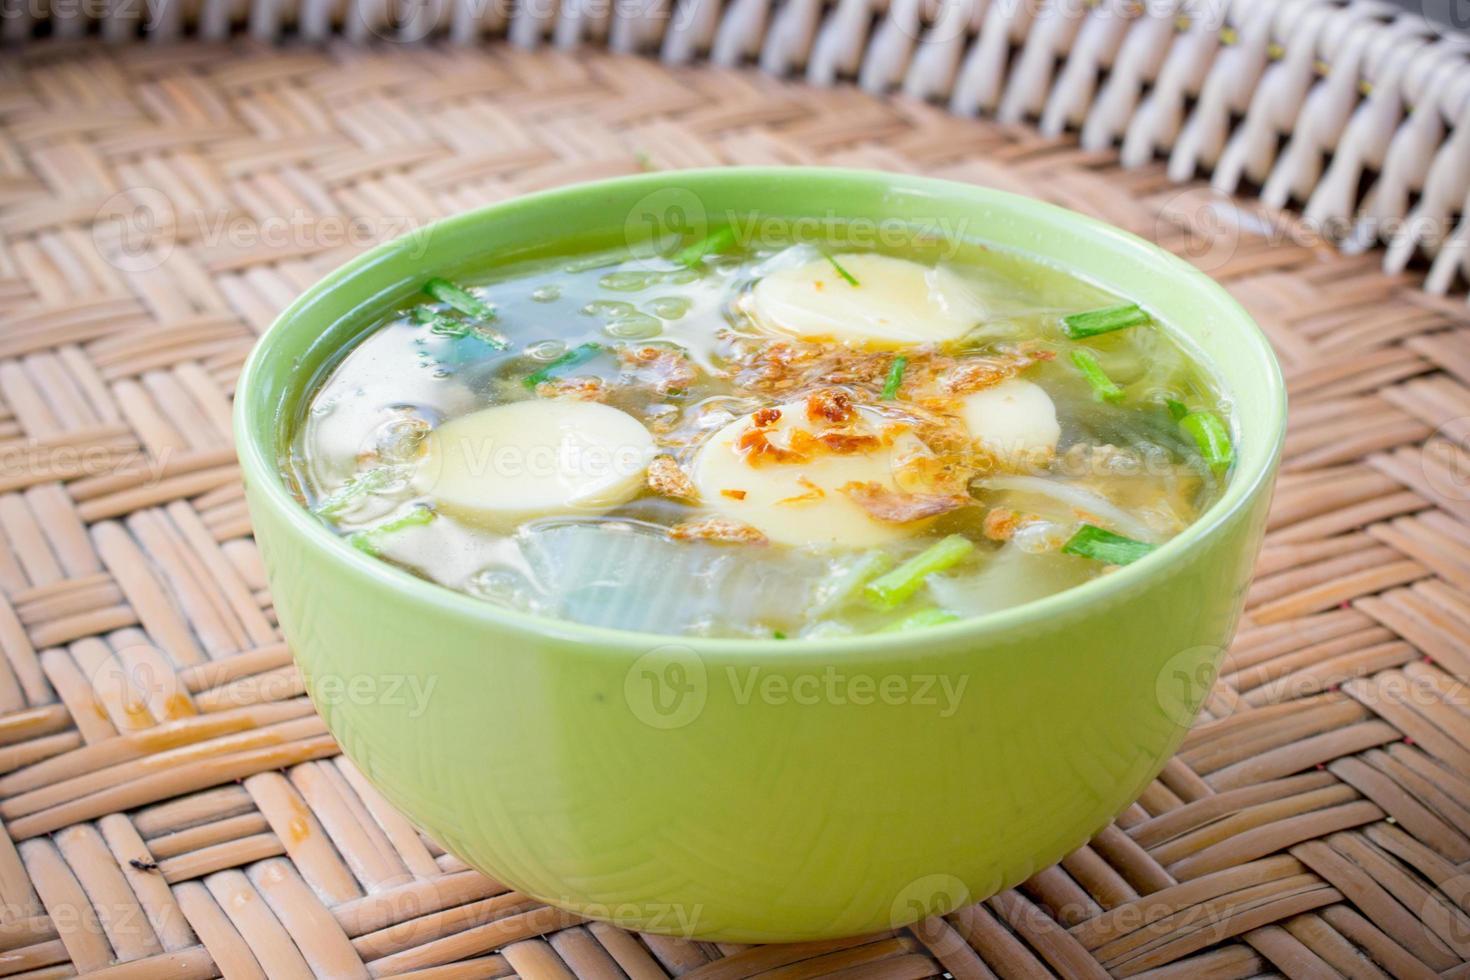 thailändische berühmte Schmerzsuppe foto